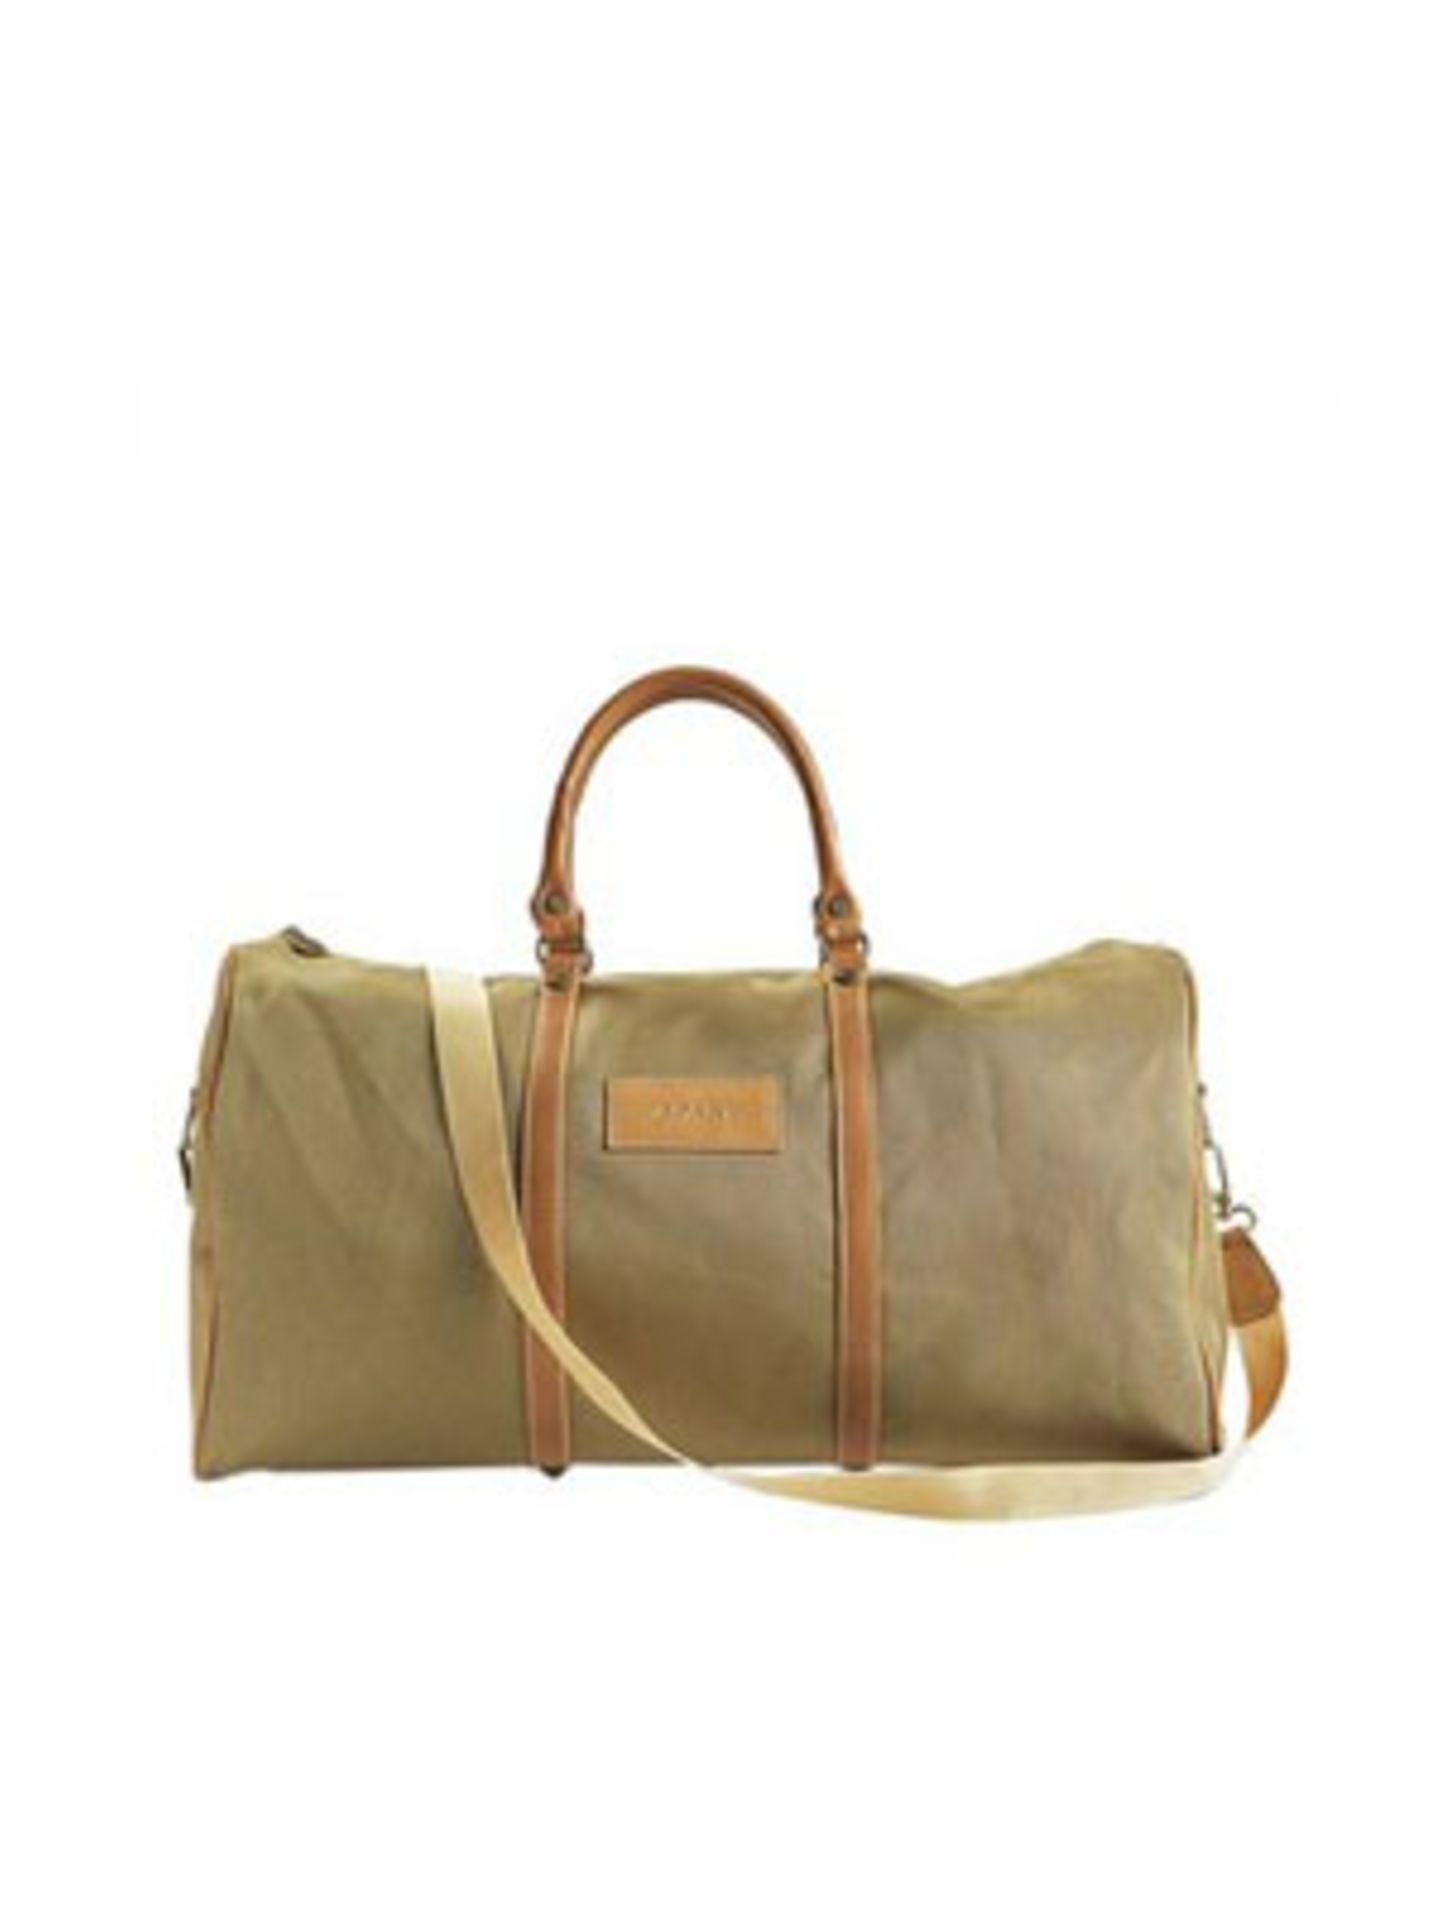 Edle Reisetasche mit langem Schulterriemen von Apart, um 160 Euro. Über www.apart-accessoires.de.